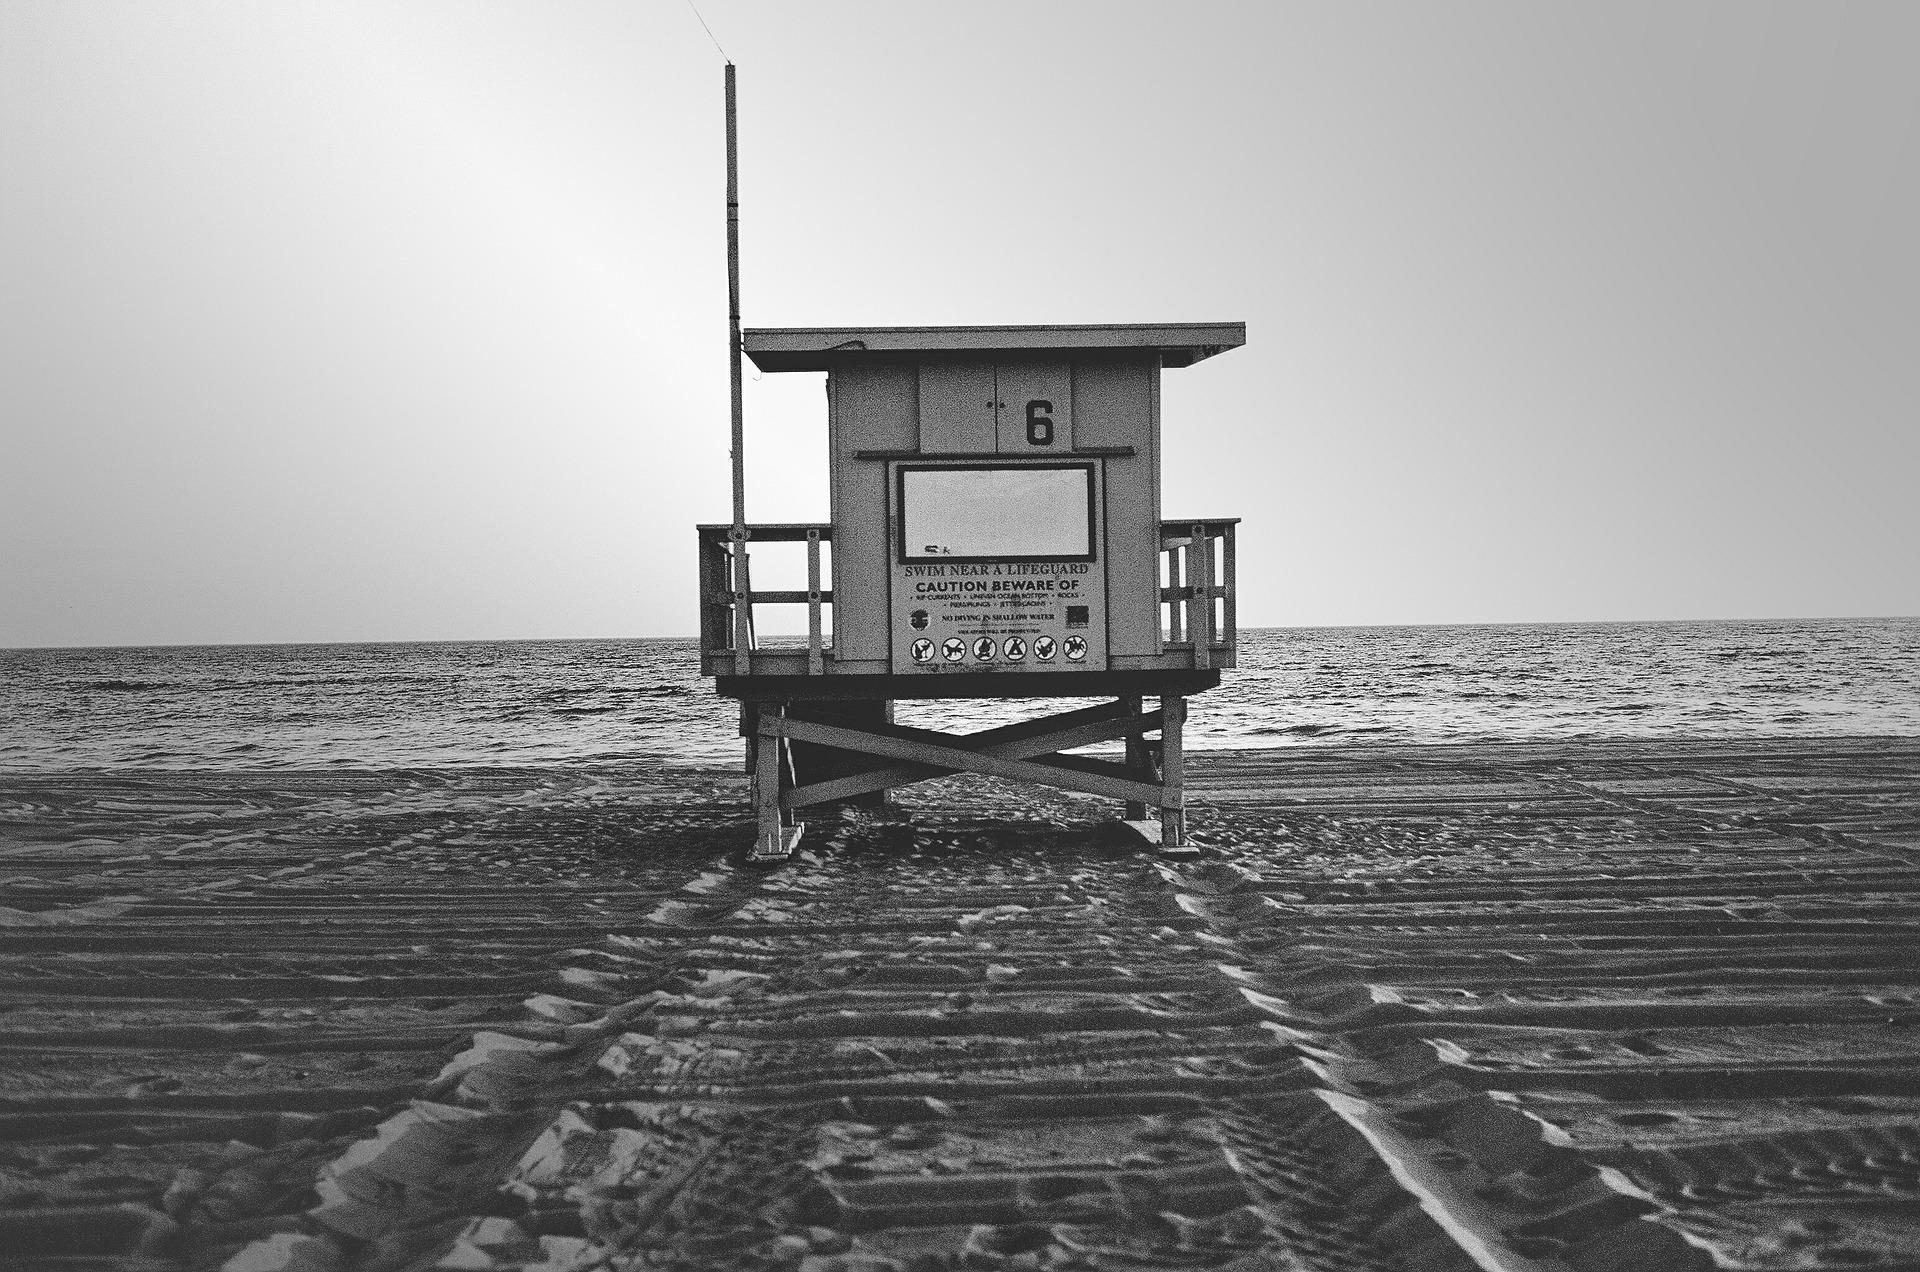 lifeguard-405891_1920.jpg